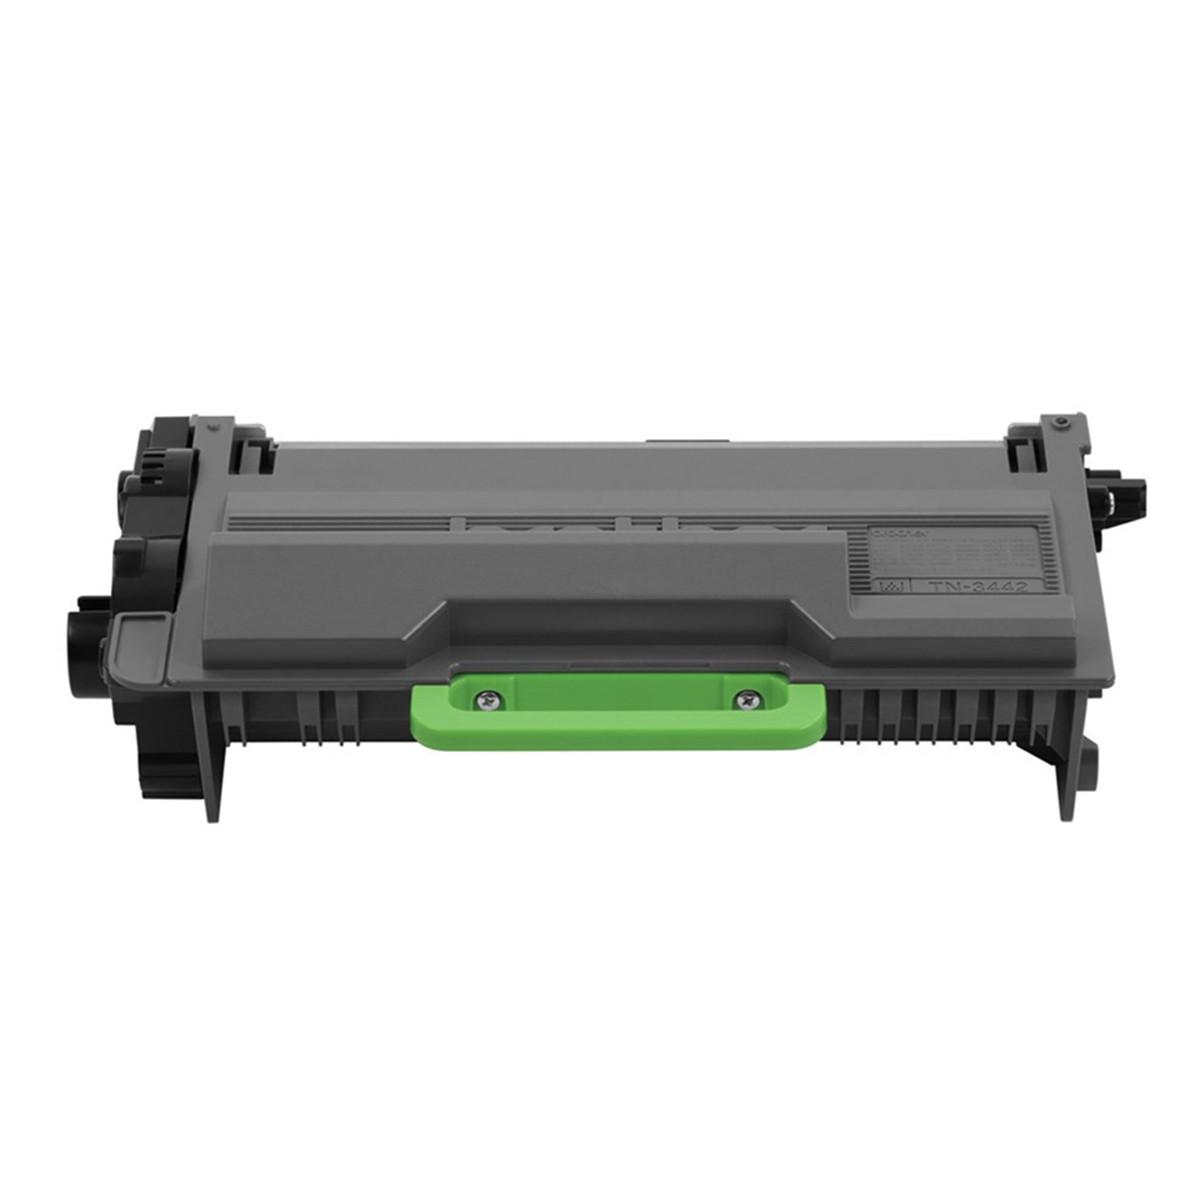 Toner Compatível com Brother TN3442 TN3442BR   DCP-L5502DN DCP-L5652DN MFC-L5702DW   Premium 8k